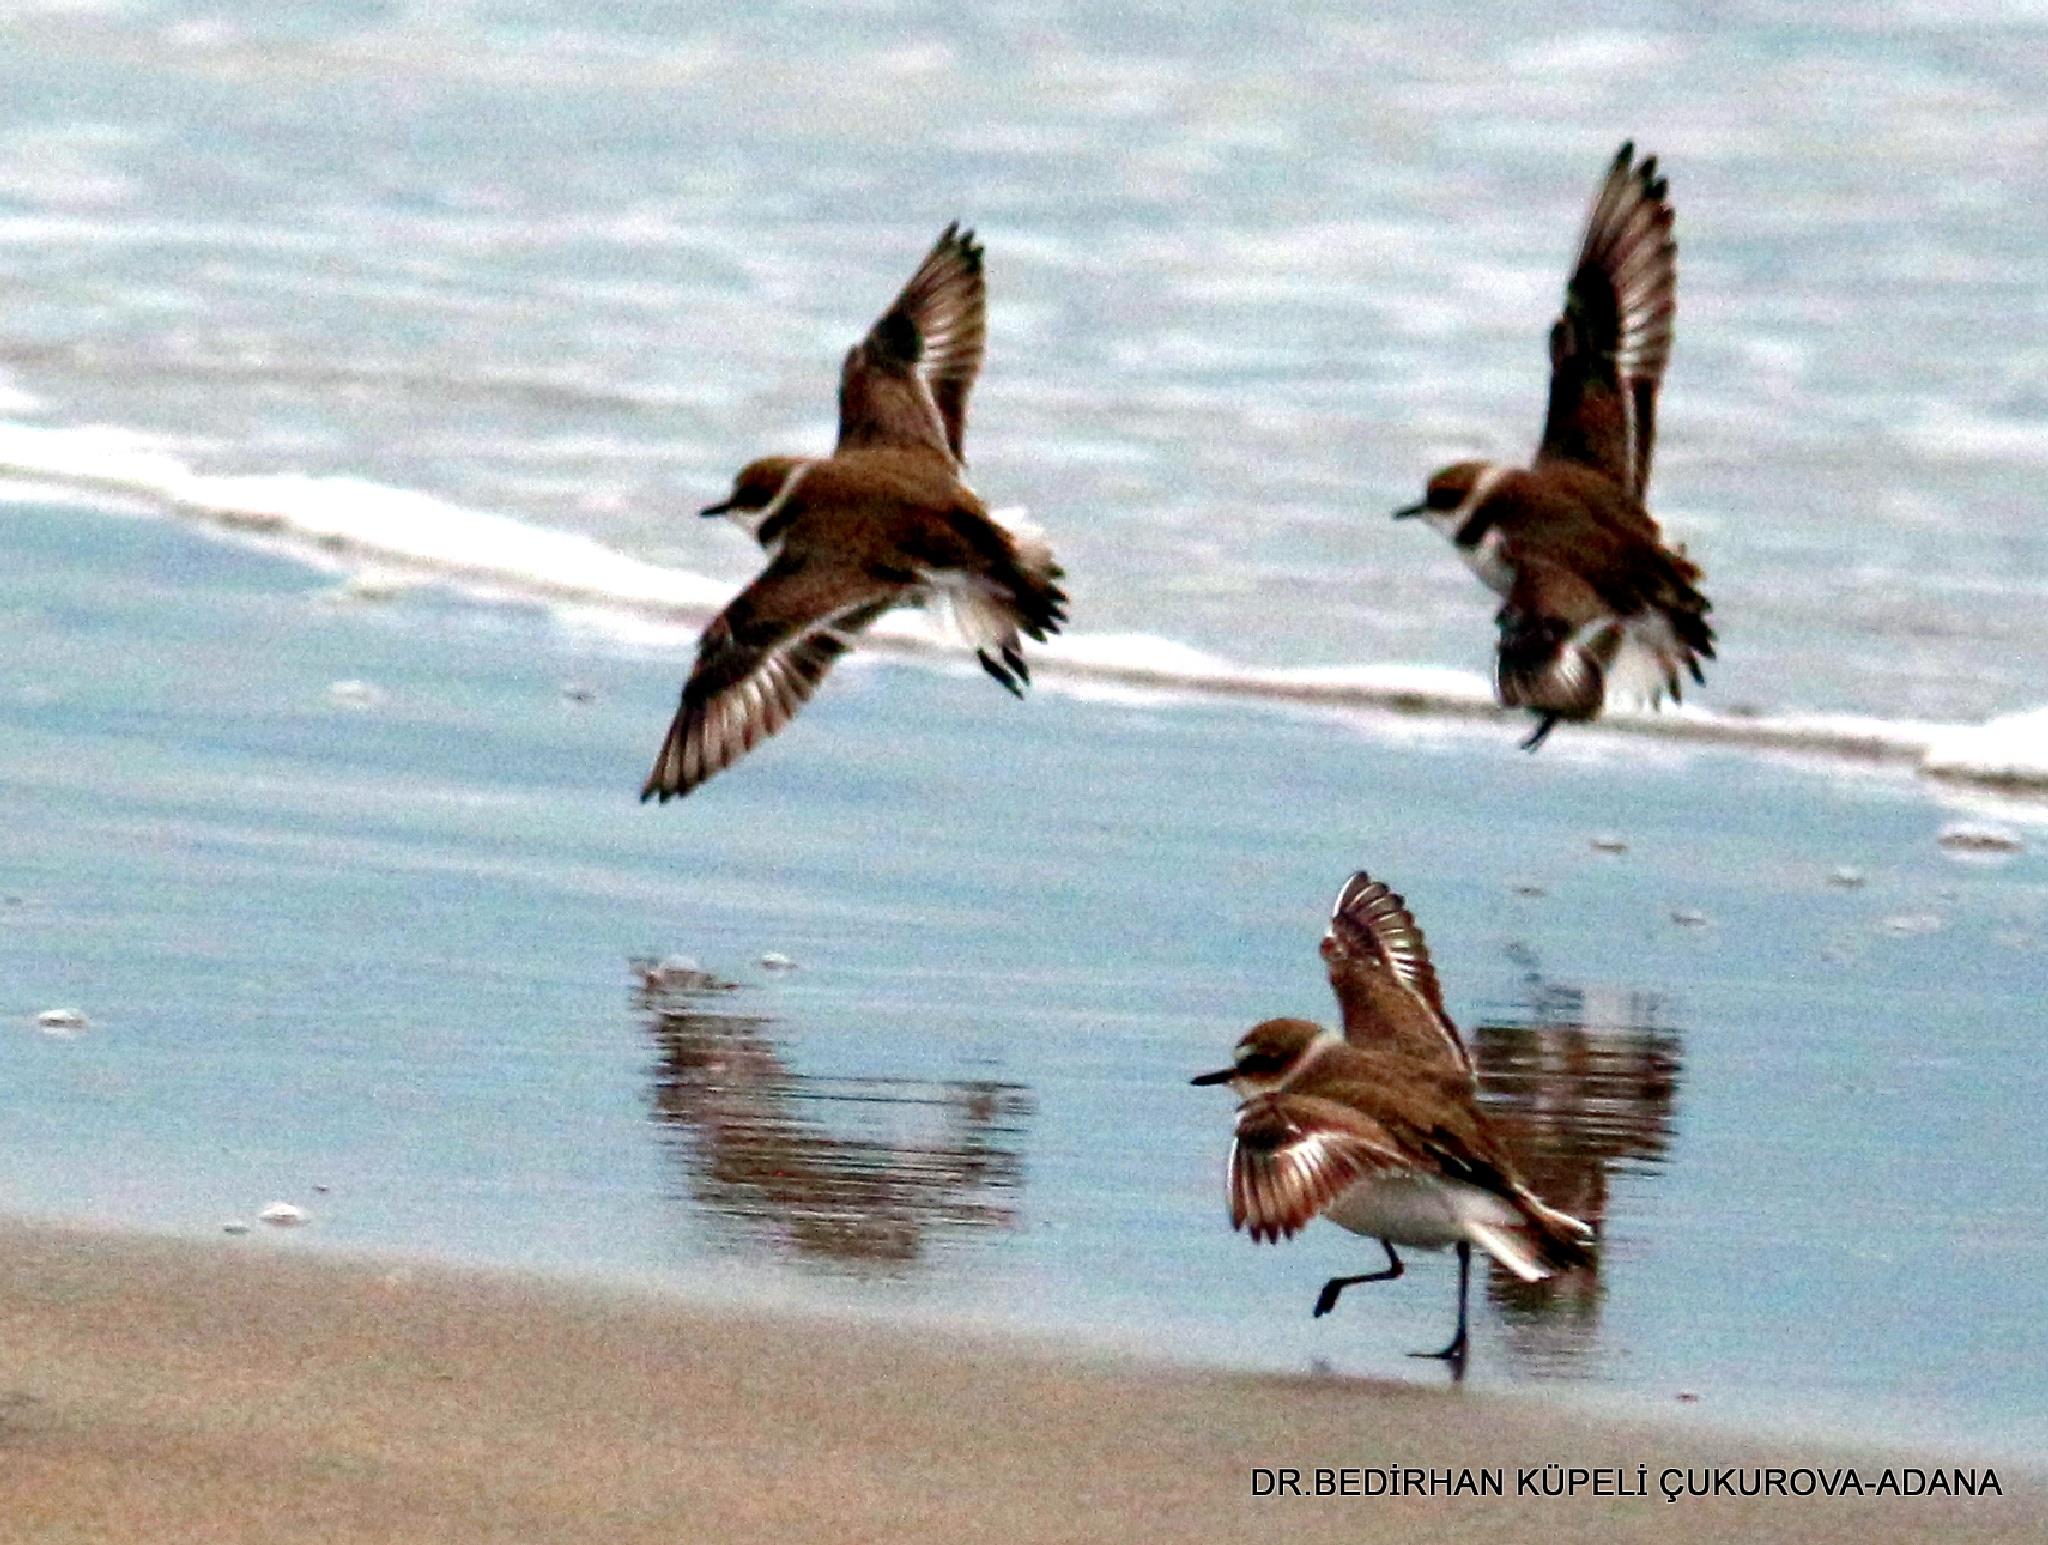 let's fly together .... by Bedirhan Küpeli